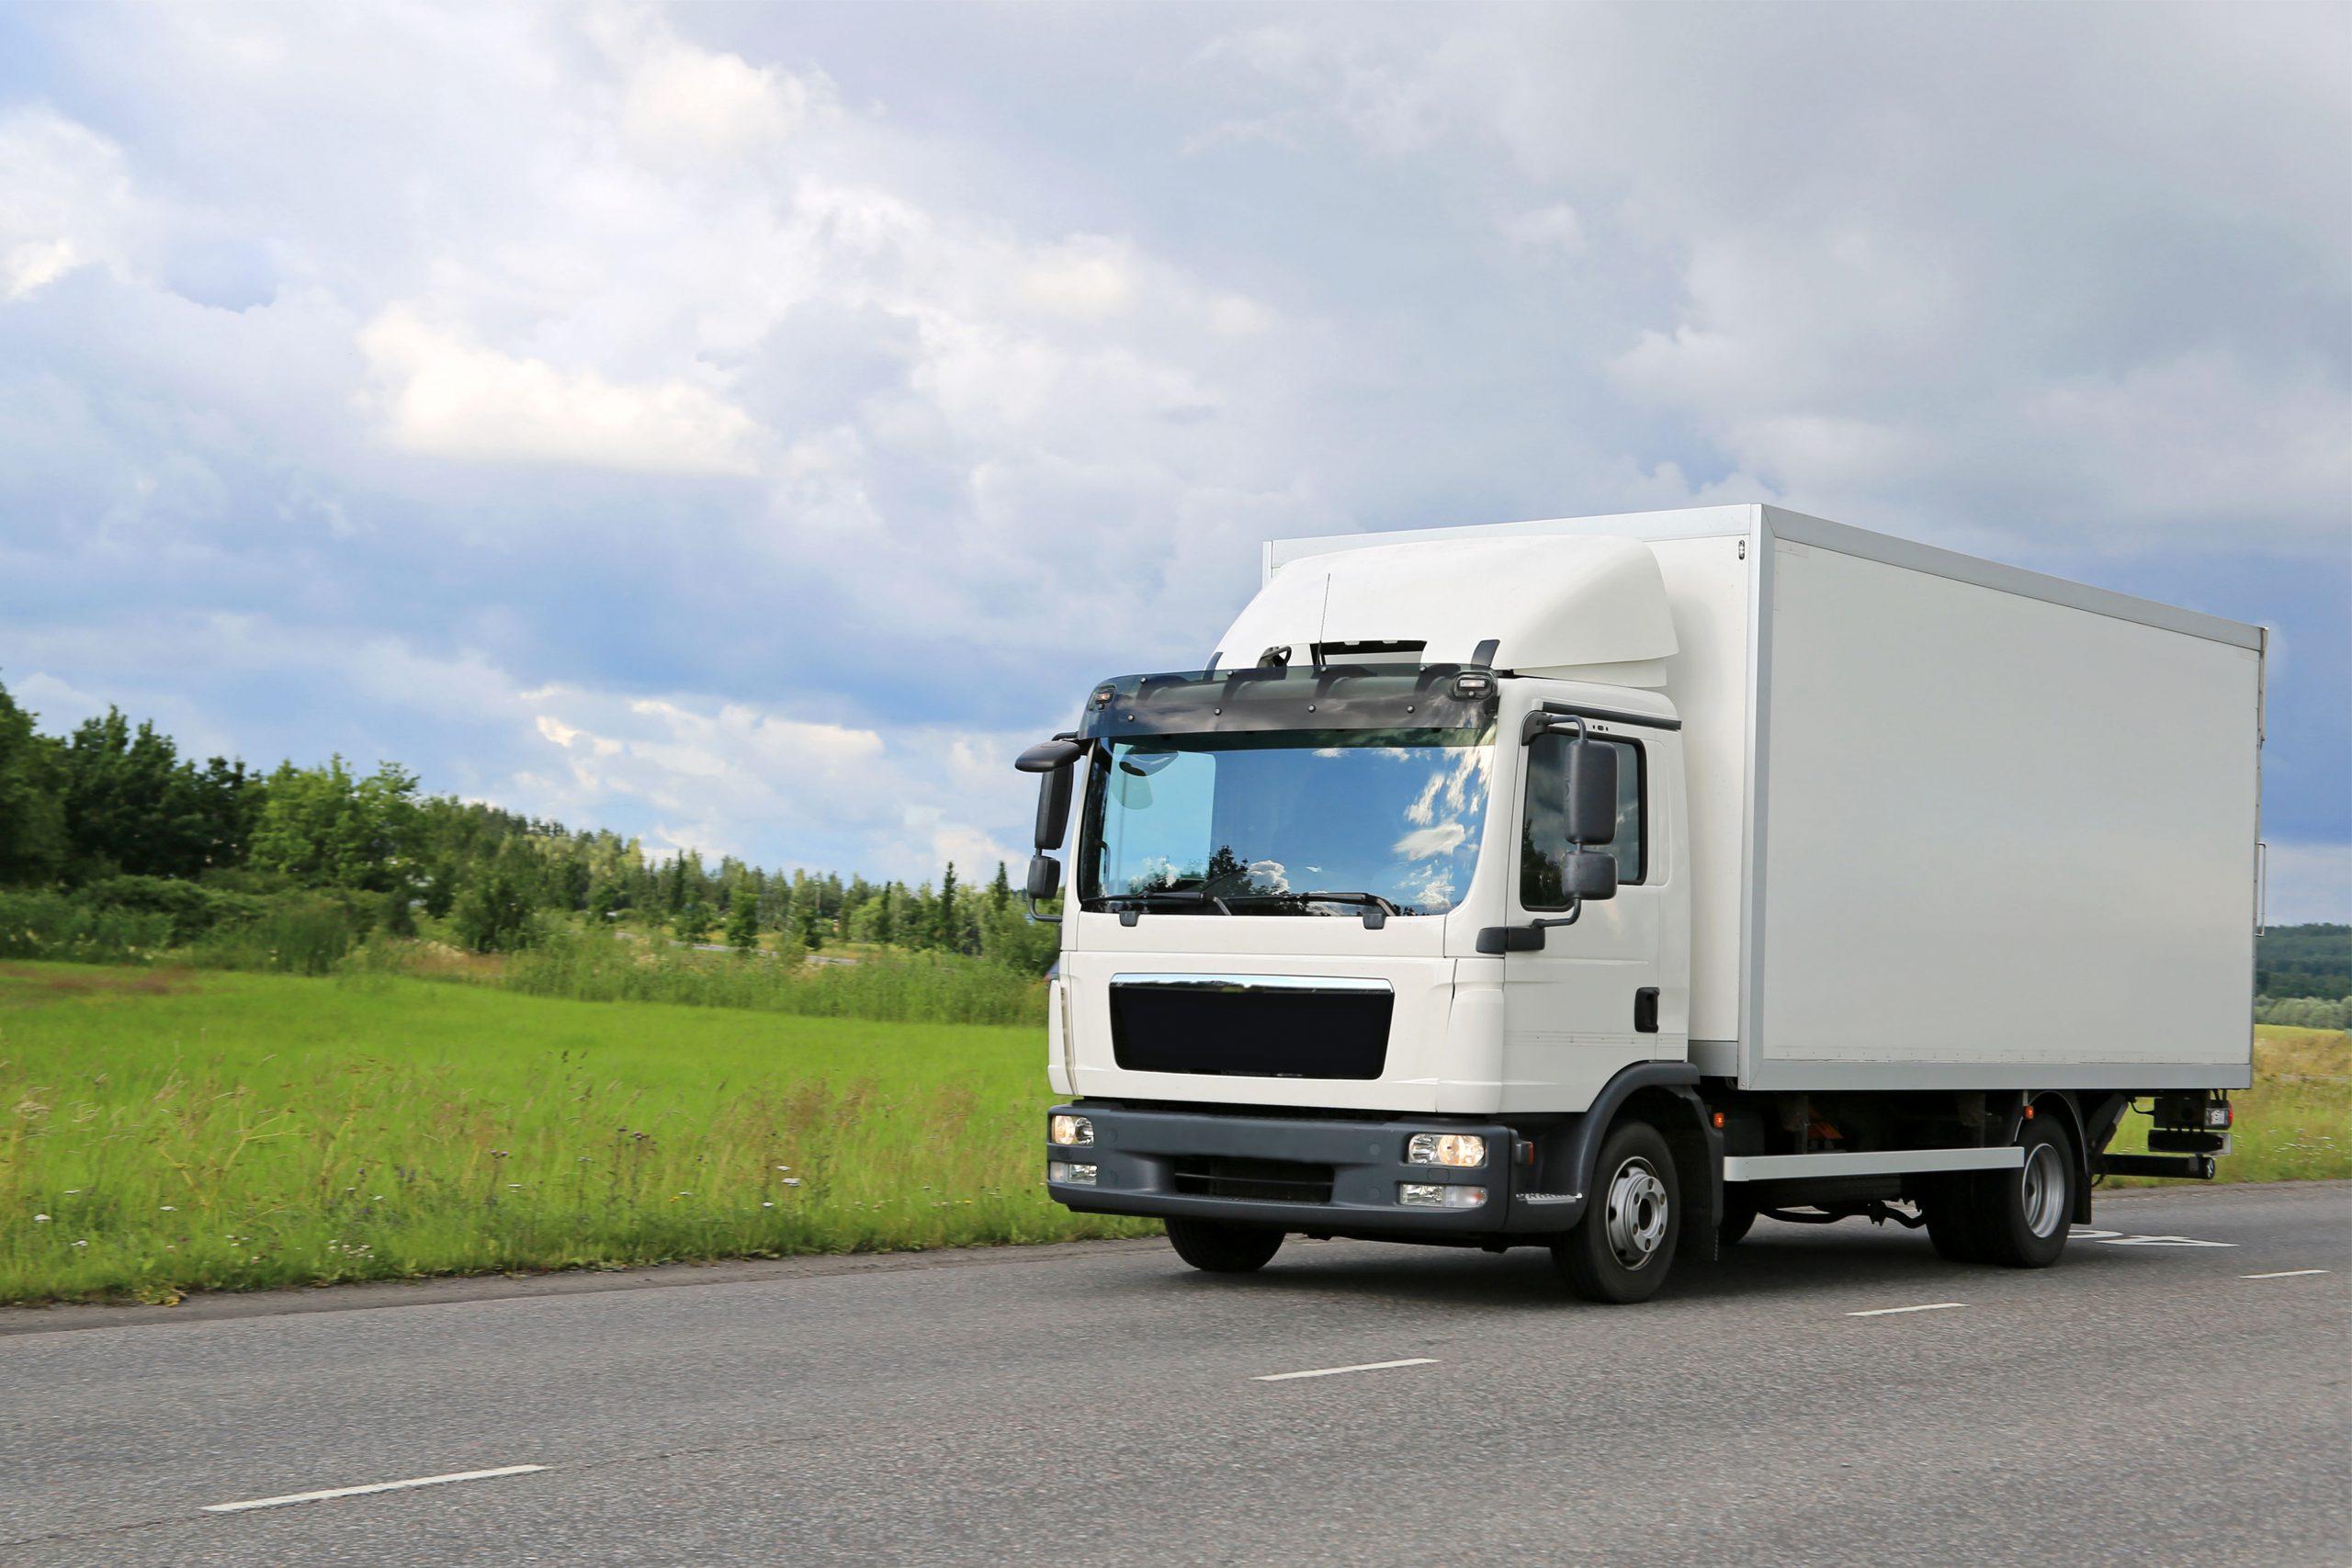 Trabajo para 10 Repartidores – Camión Rígido en Mölln, Alemania